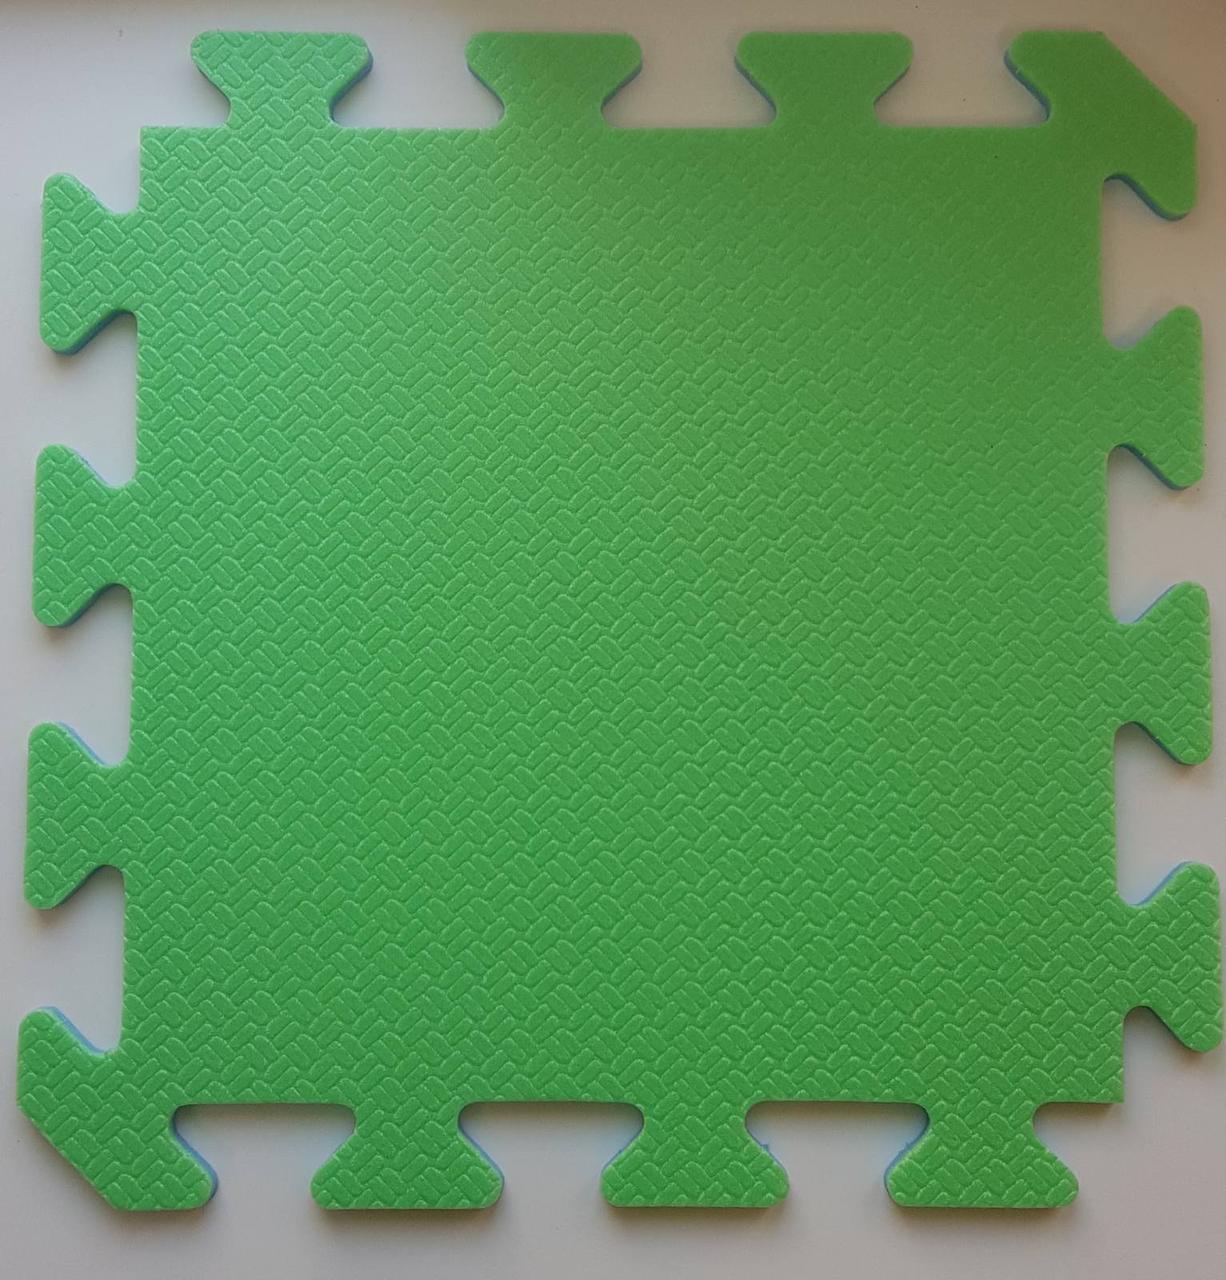 Мягкий пол пазл 300*300*8 мм  двухсторонний зелено-синий